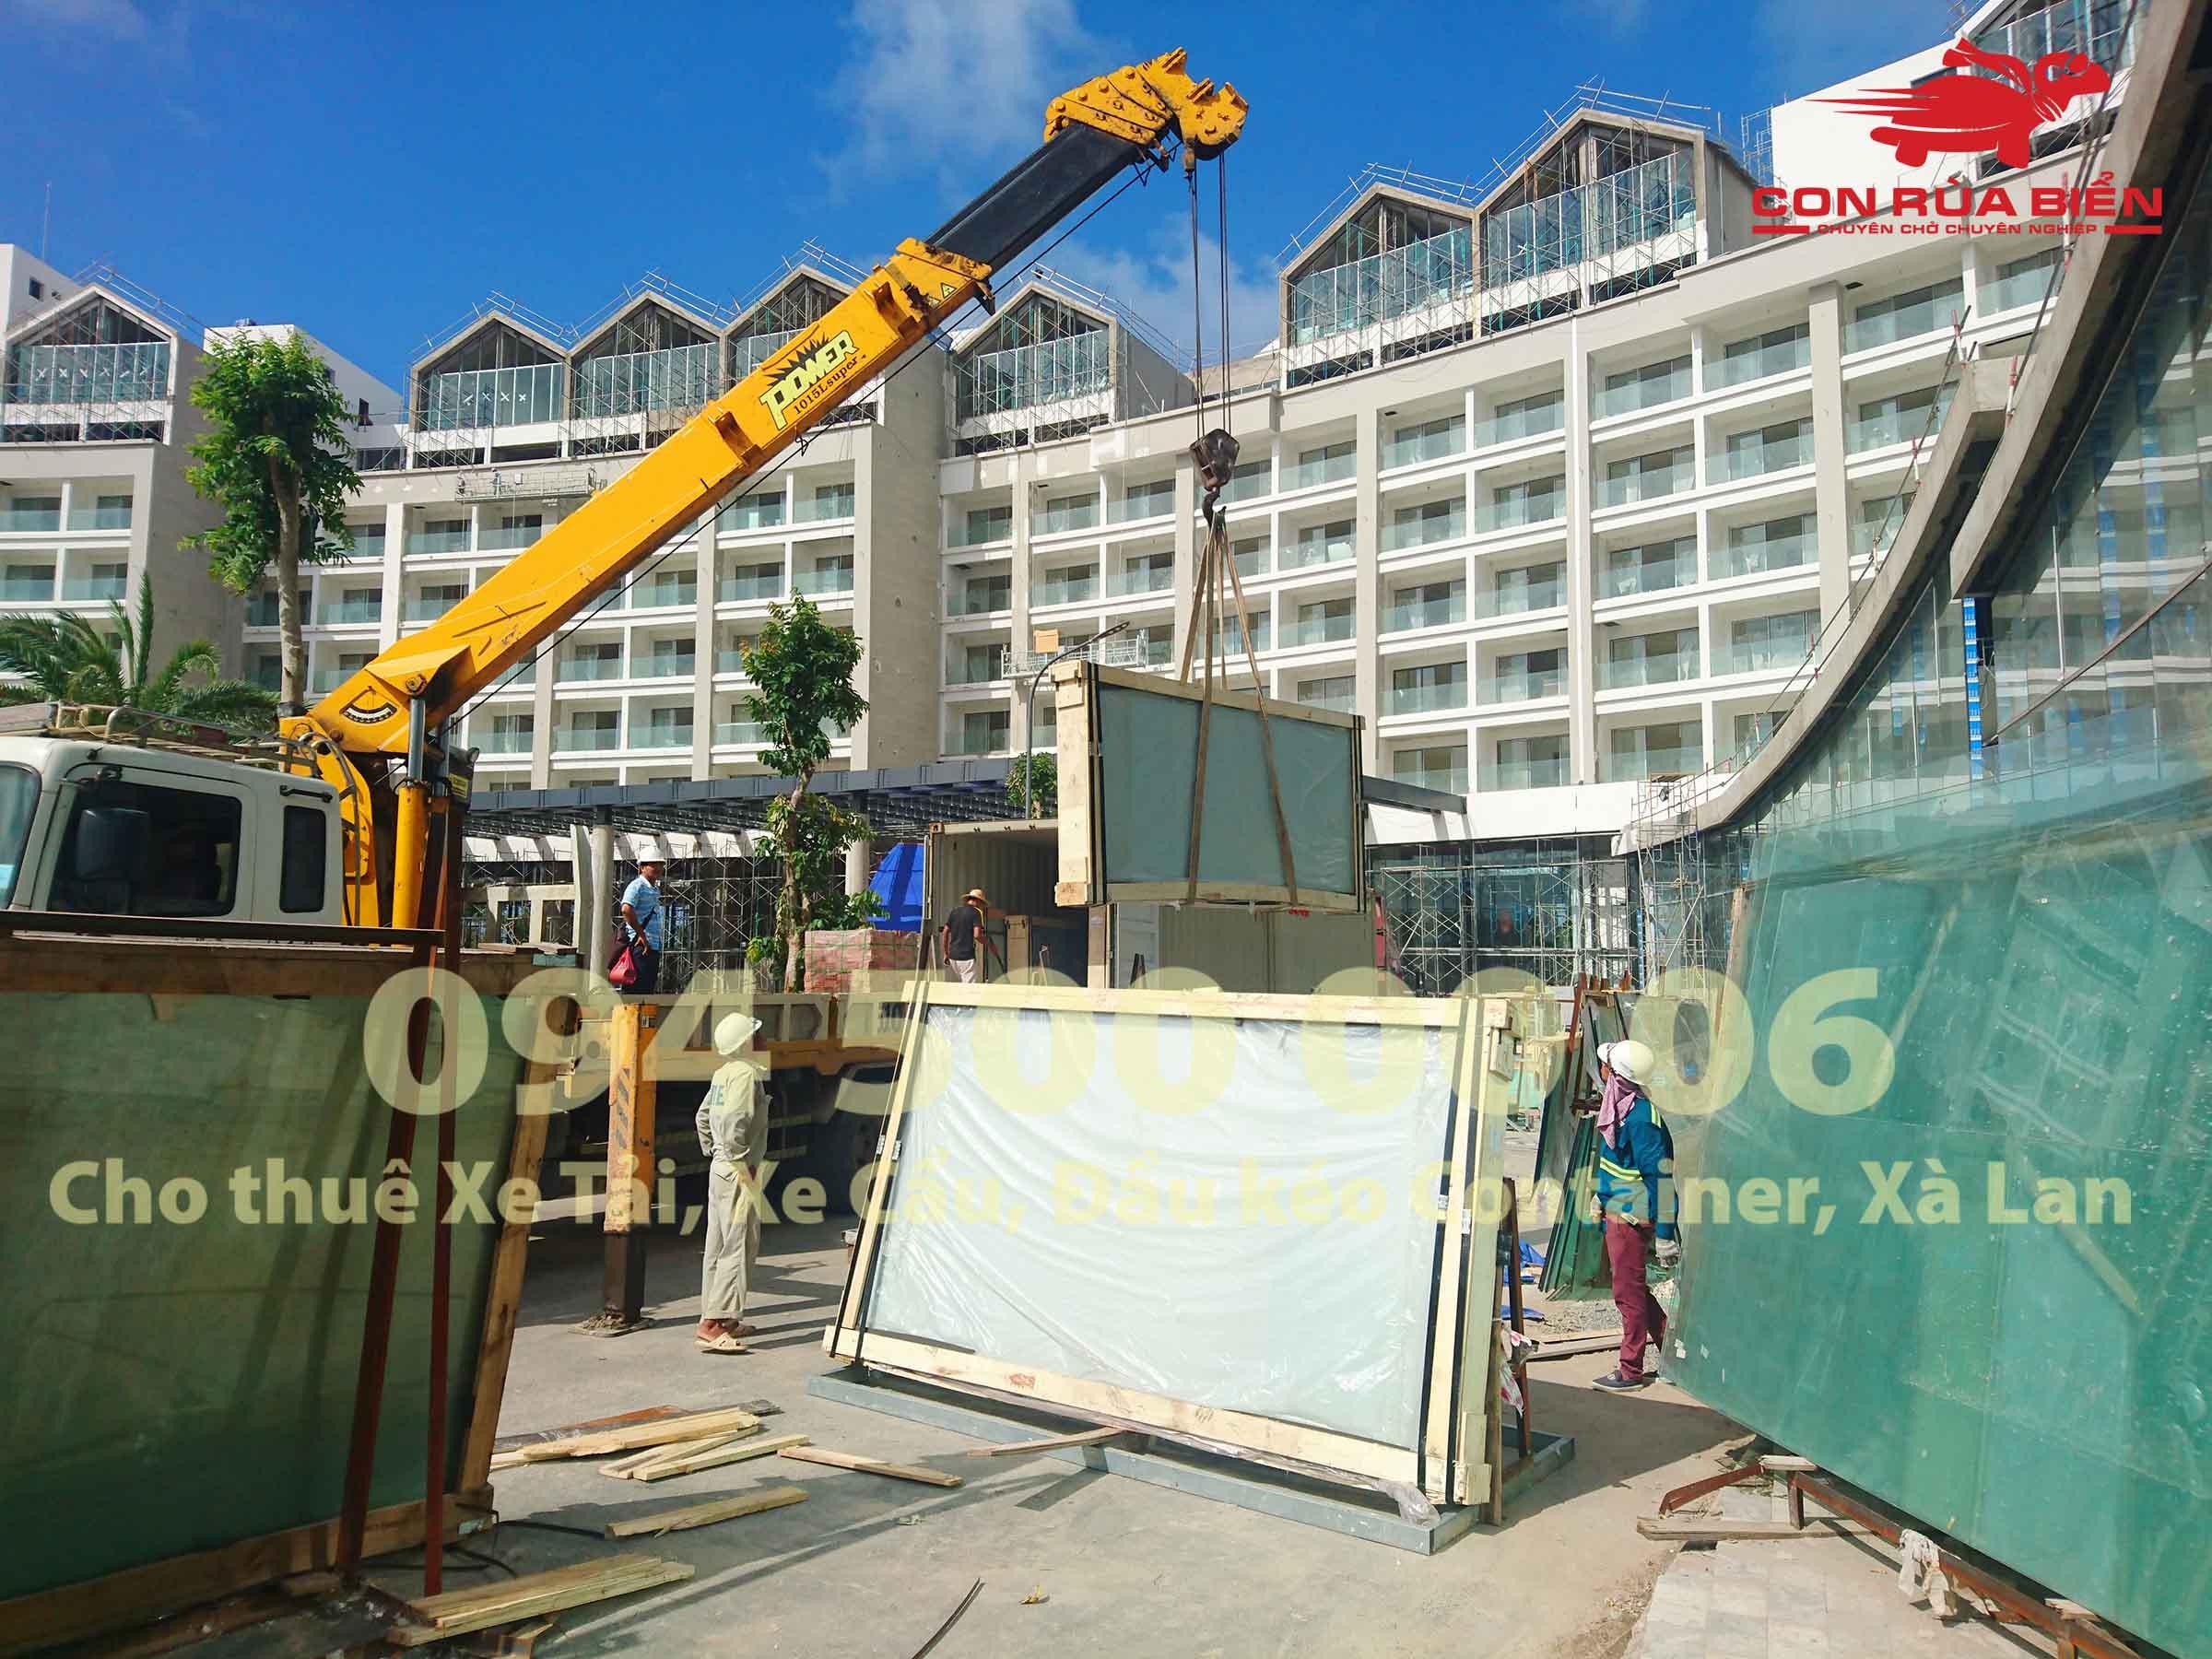 Dự án vận chuyển Kính Cường Lực HCM đi Casino Phú Quốc 1